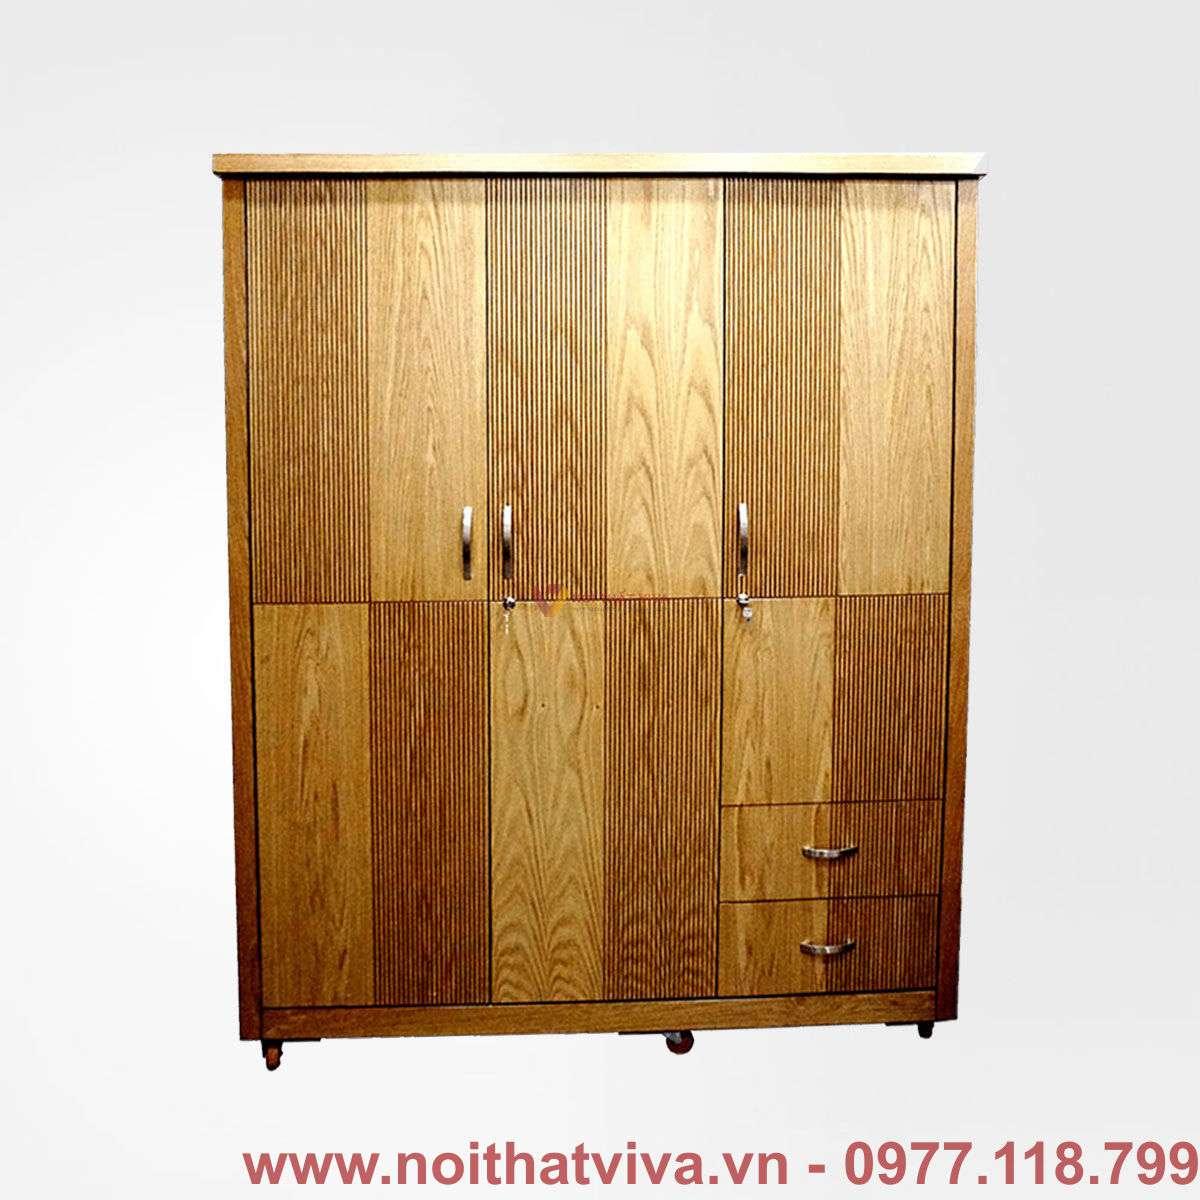 Tủ áo MDF chỉ T21 3 cánh màu gỗ sồi